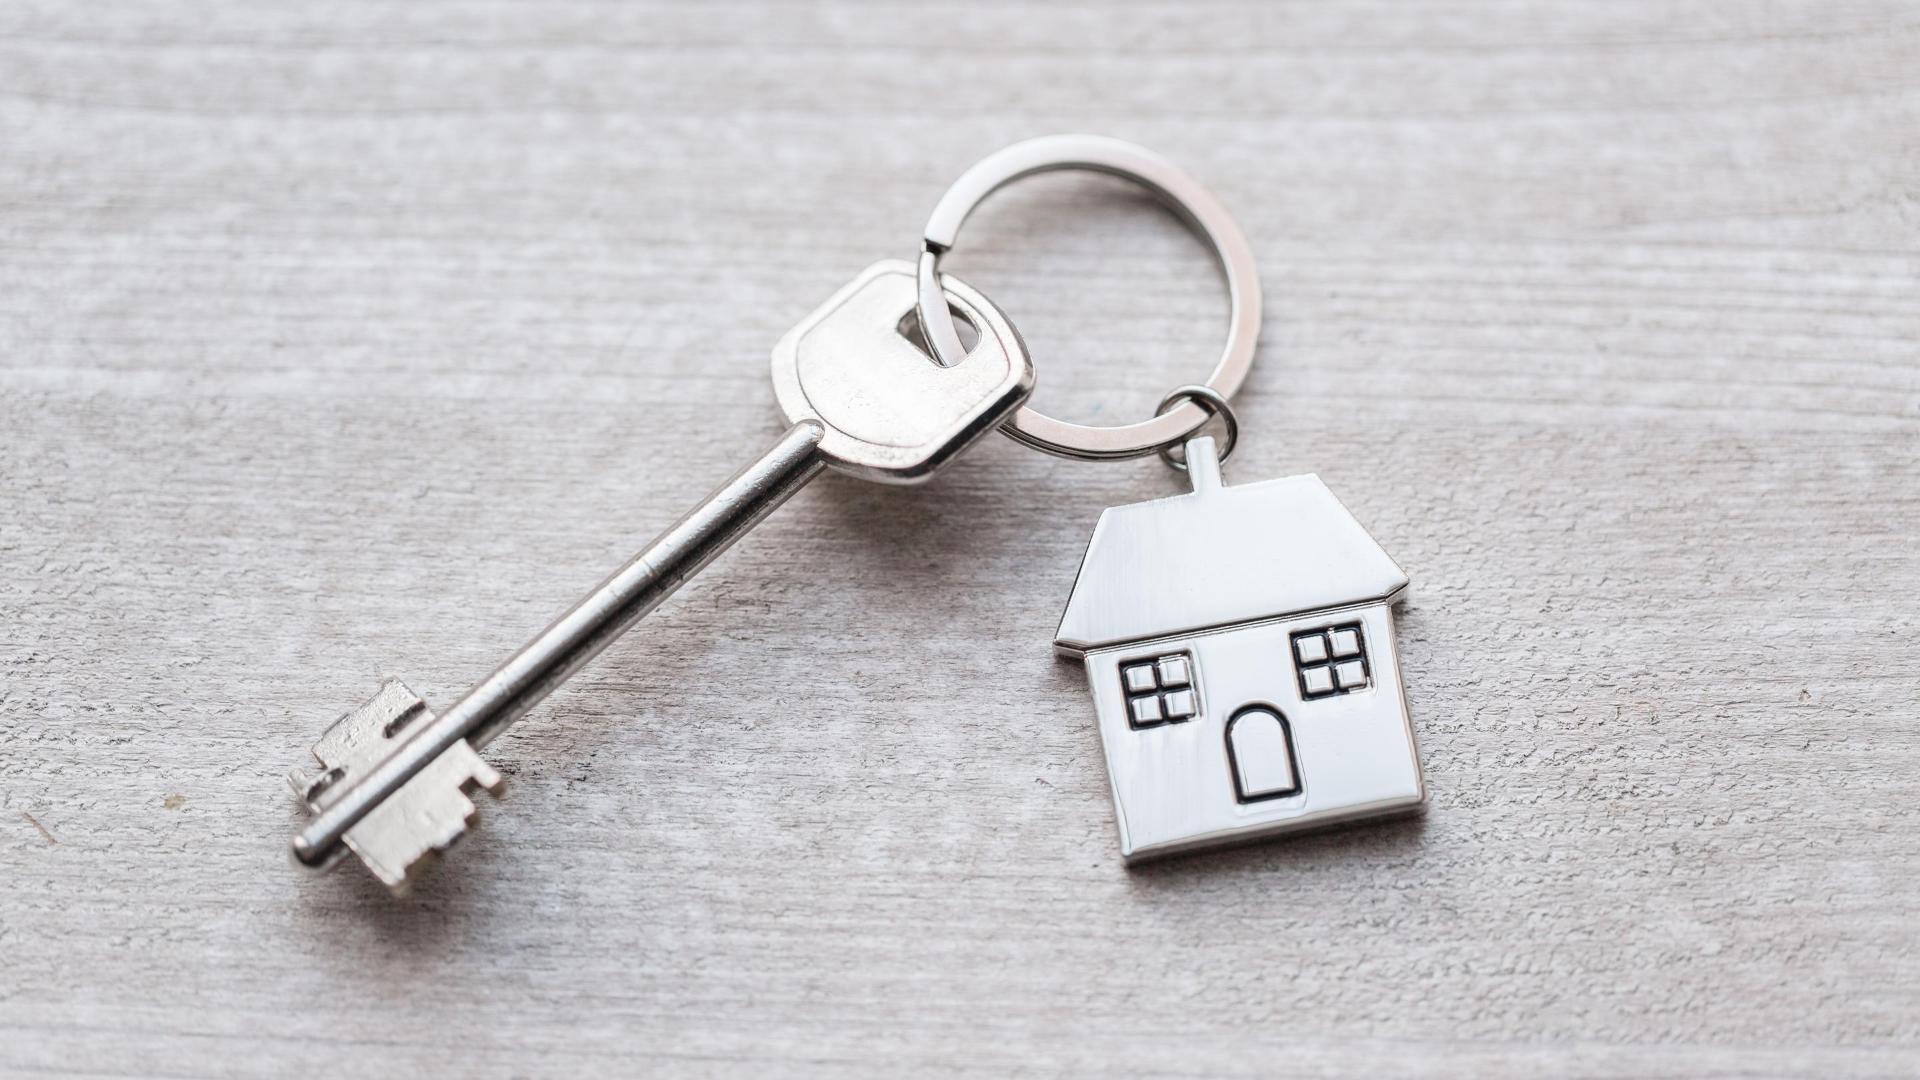 Gastos en la compra de una vivienda